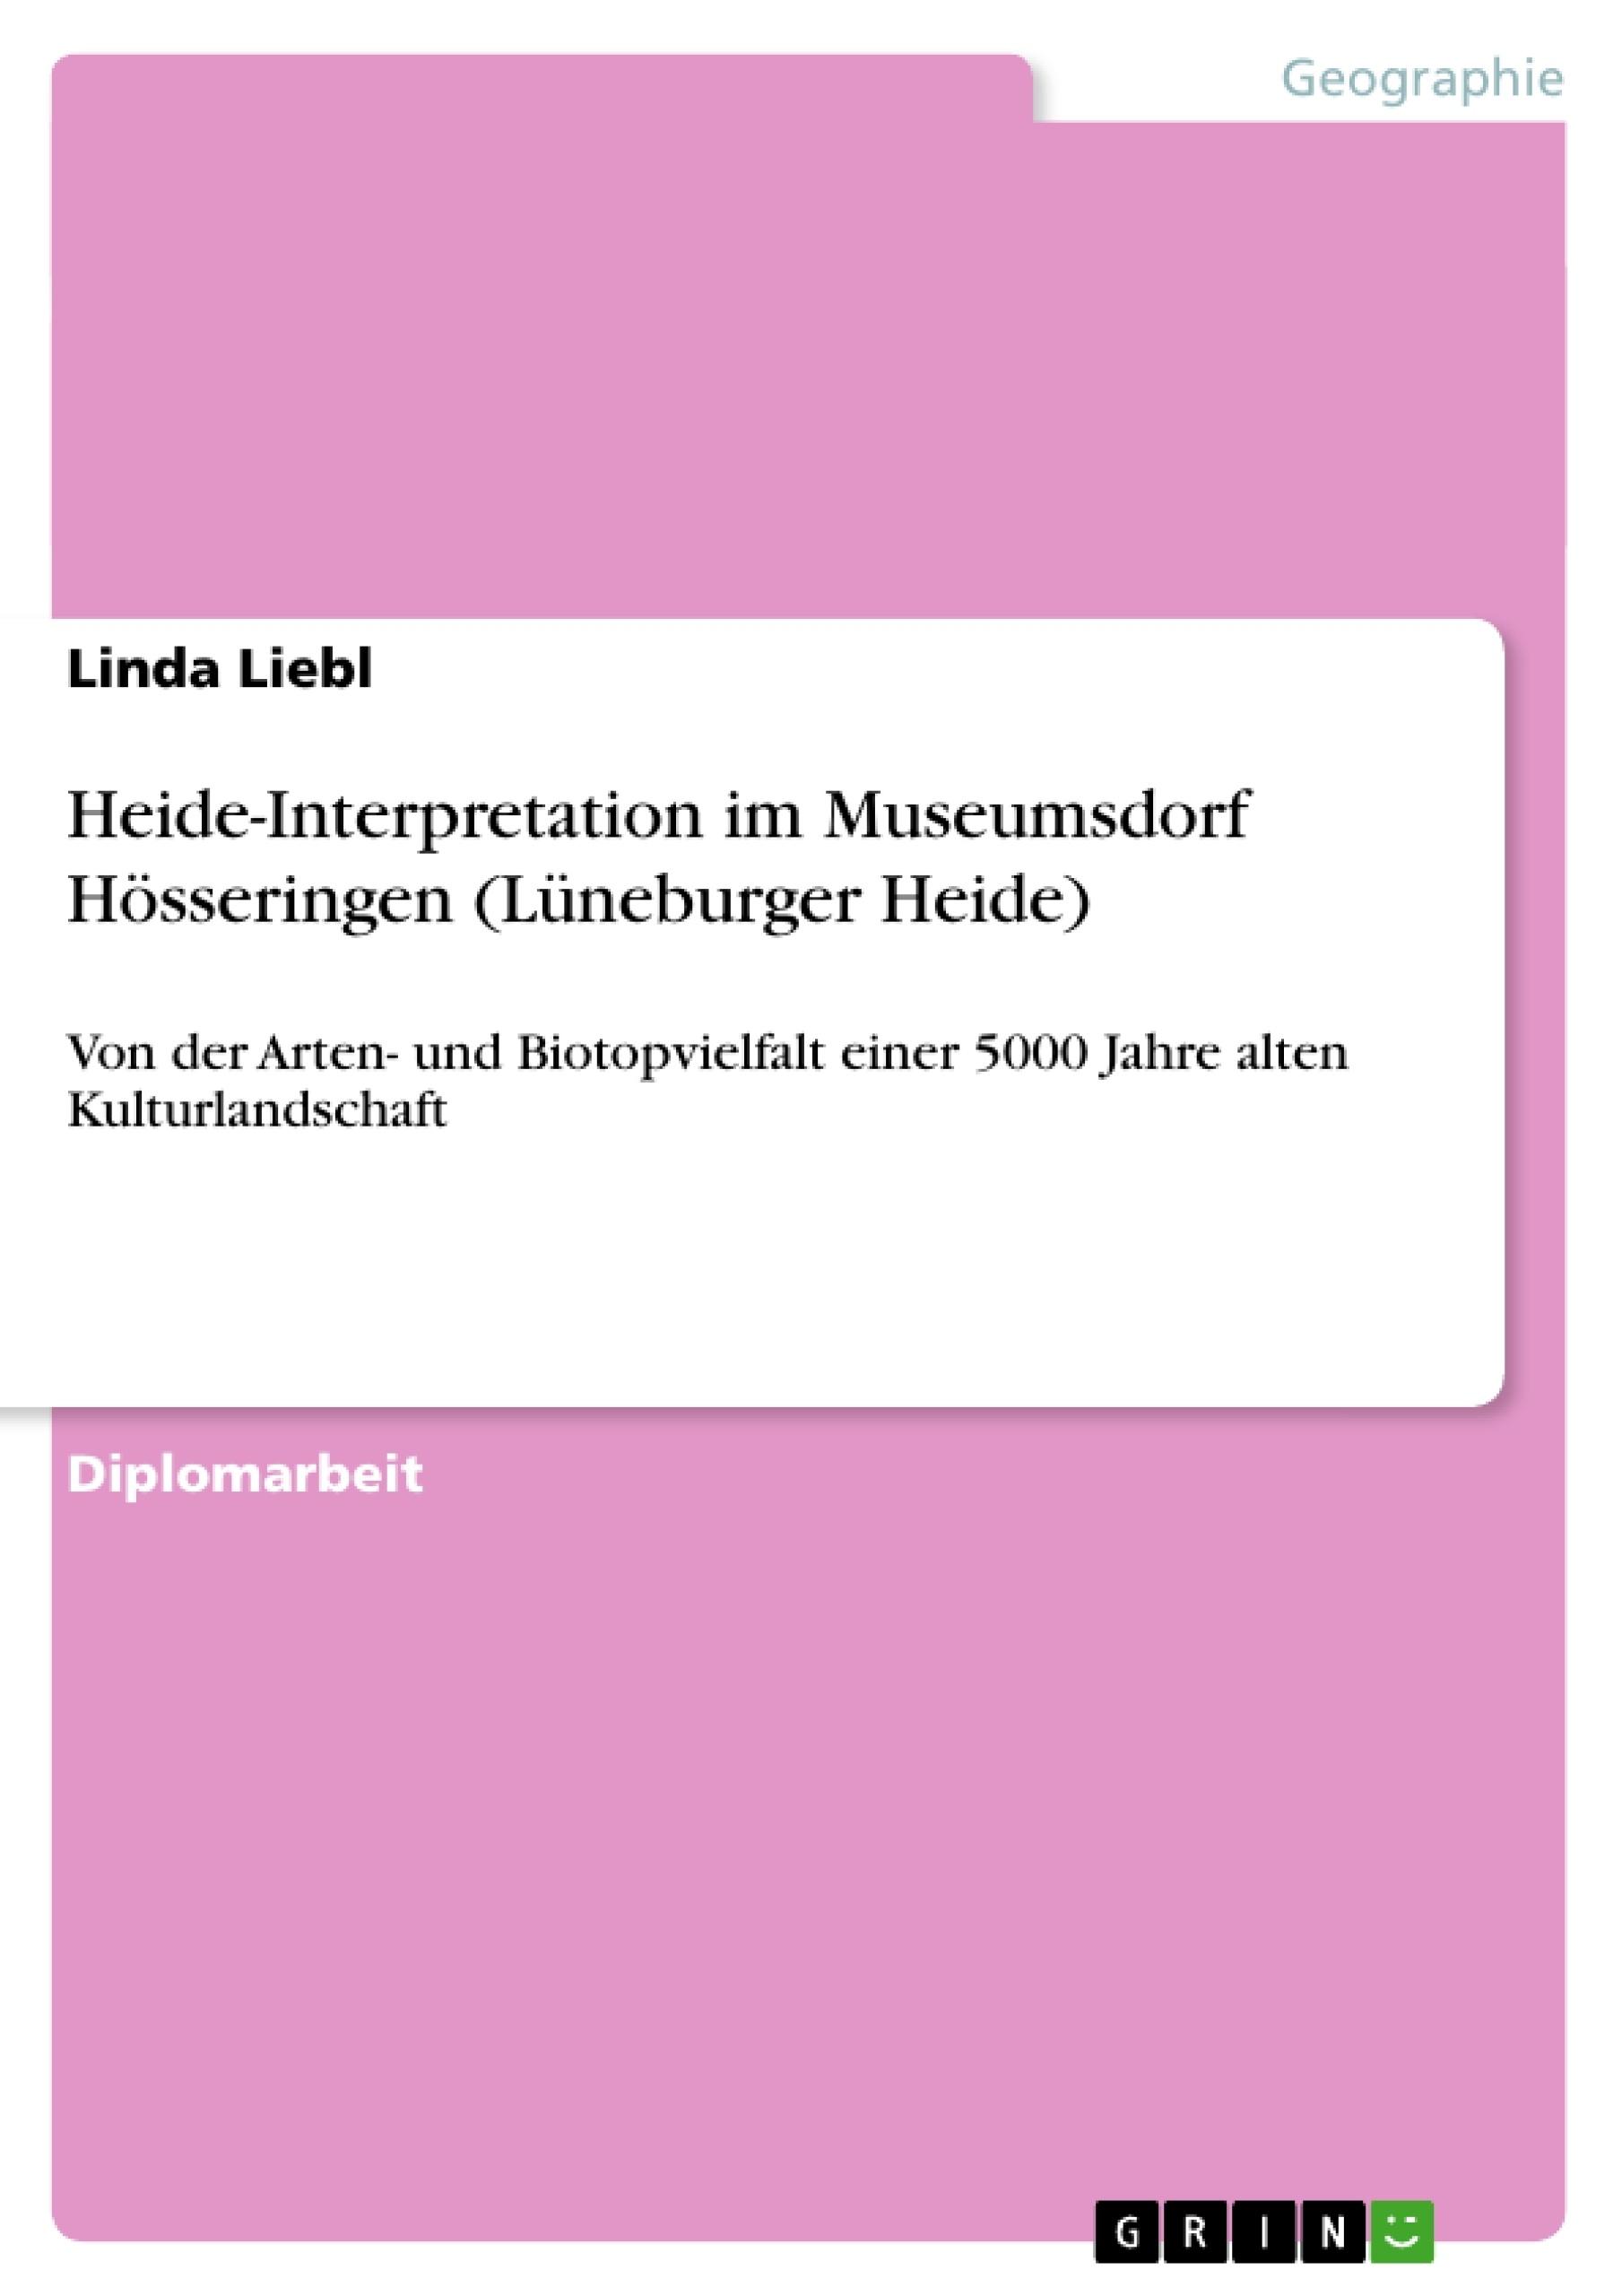 Titel: Heide-Interpretation im Museumsdorf Hösseringen (Lüneburger Heide)